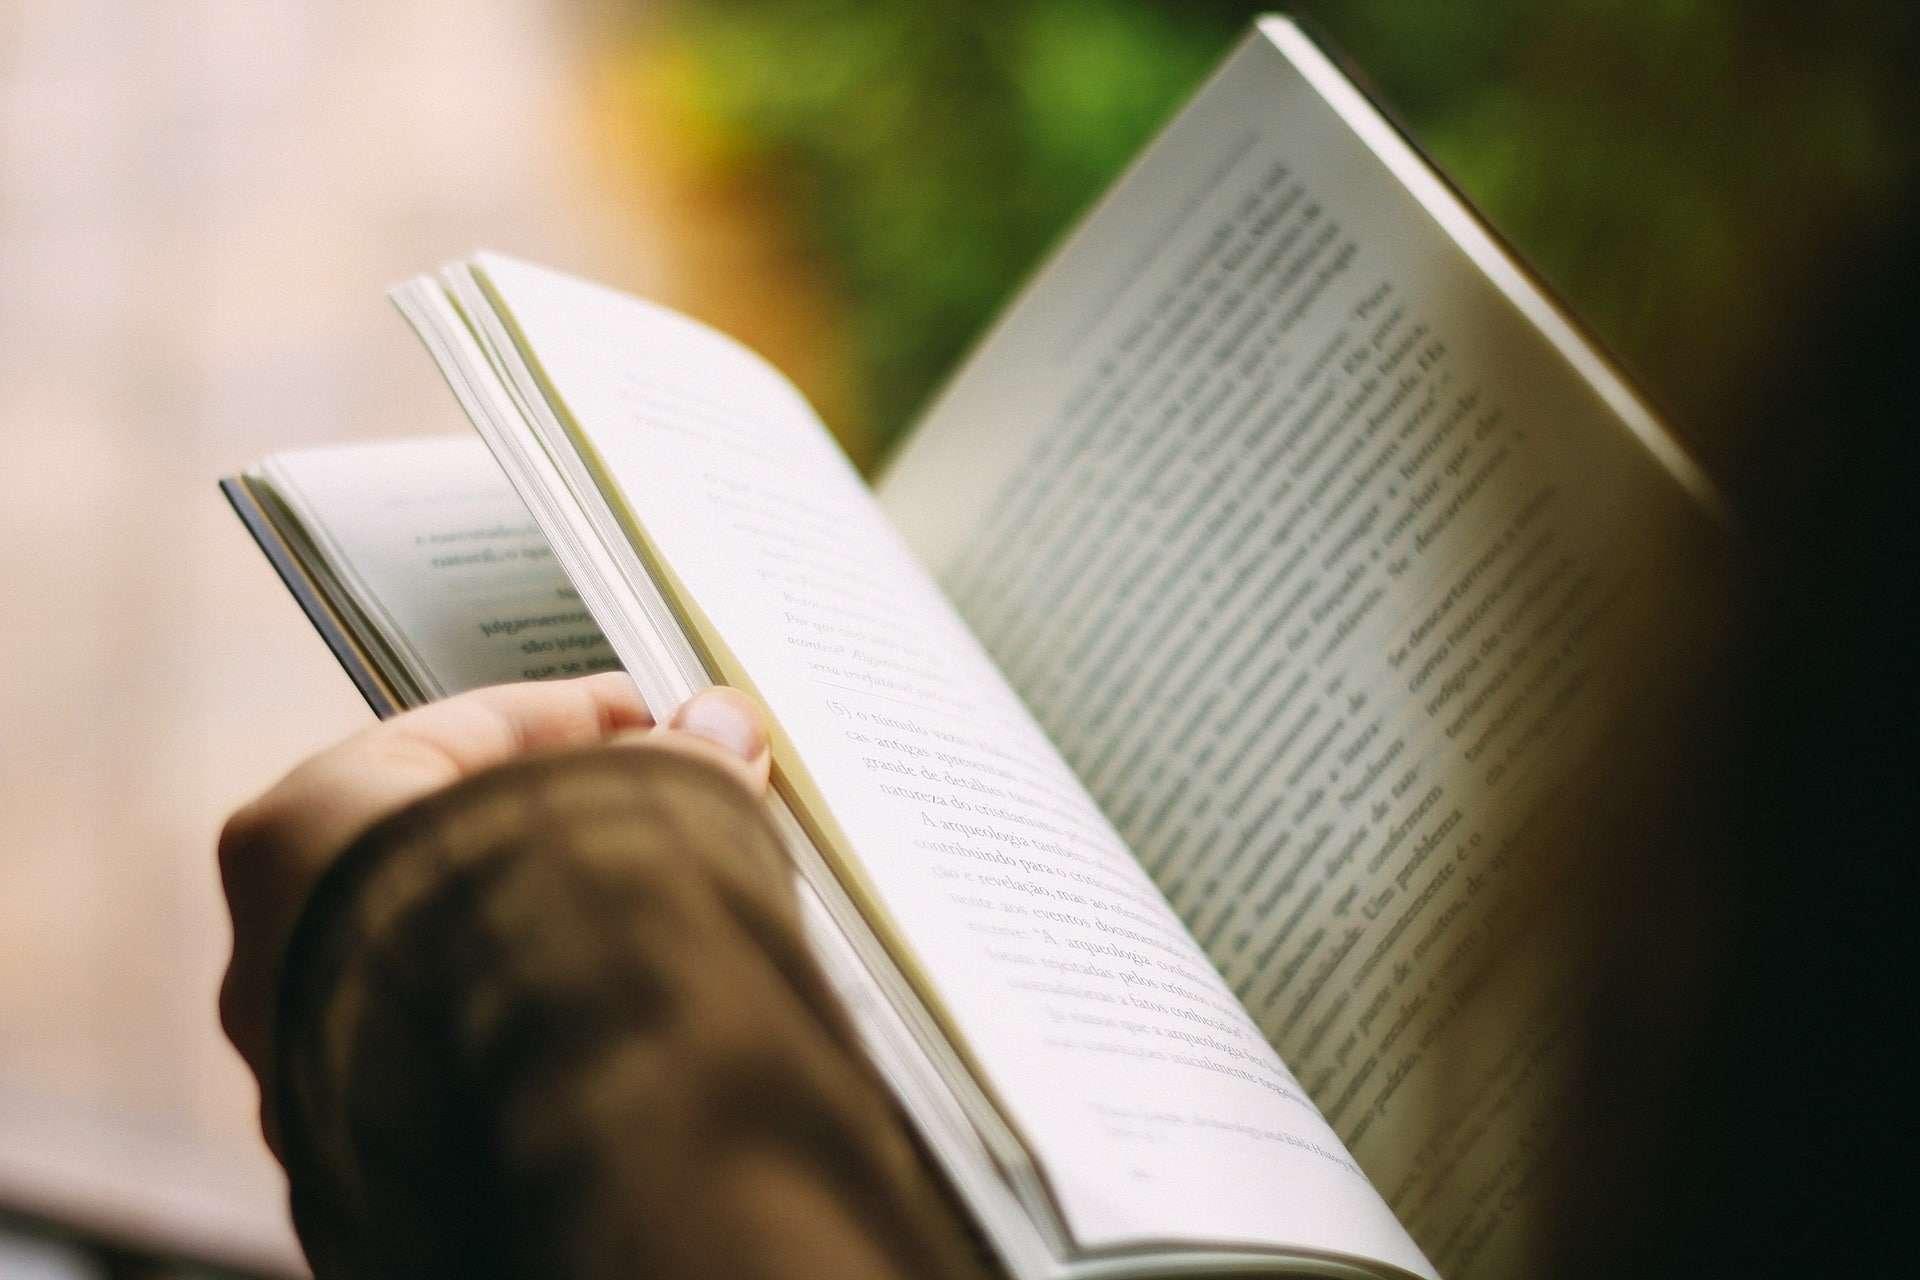 Person flipping through a book